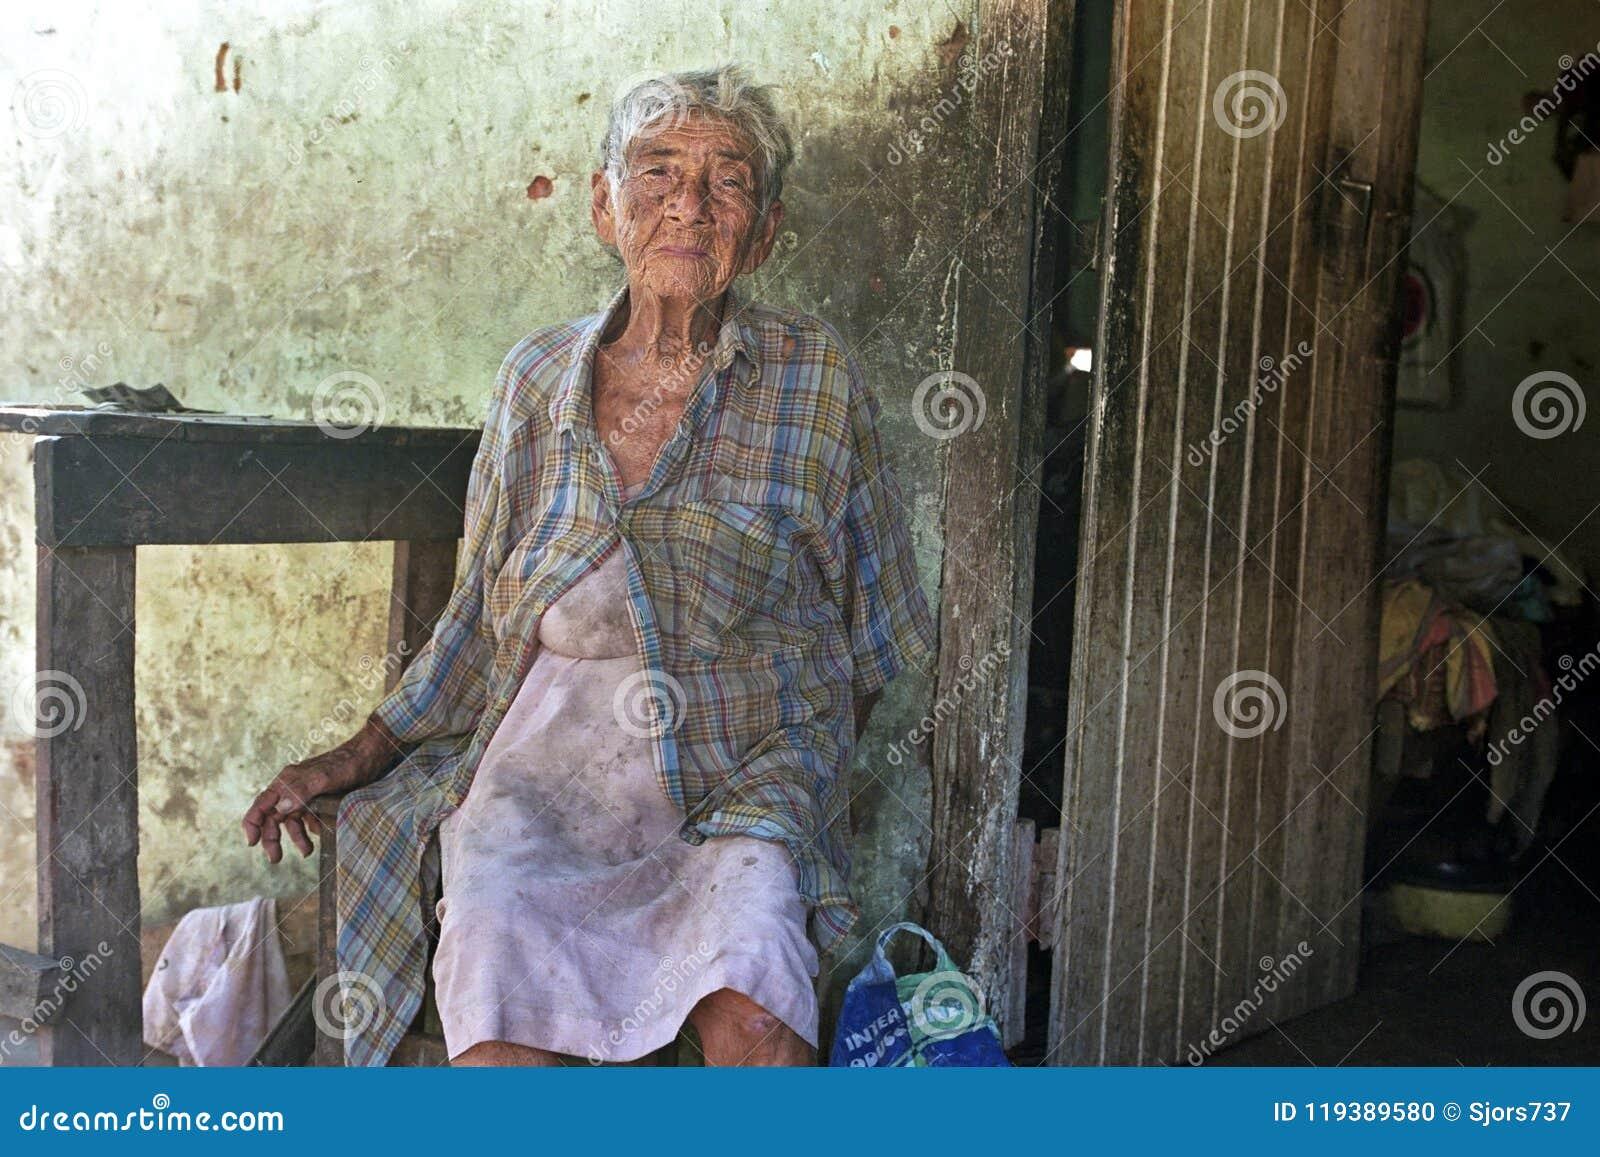 Stara Paragwajska kobieta żyje w wielkim ubóstwie